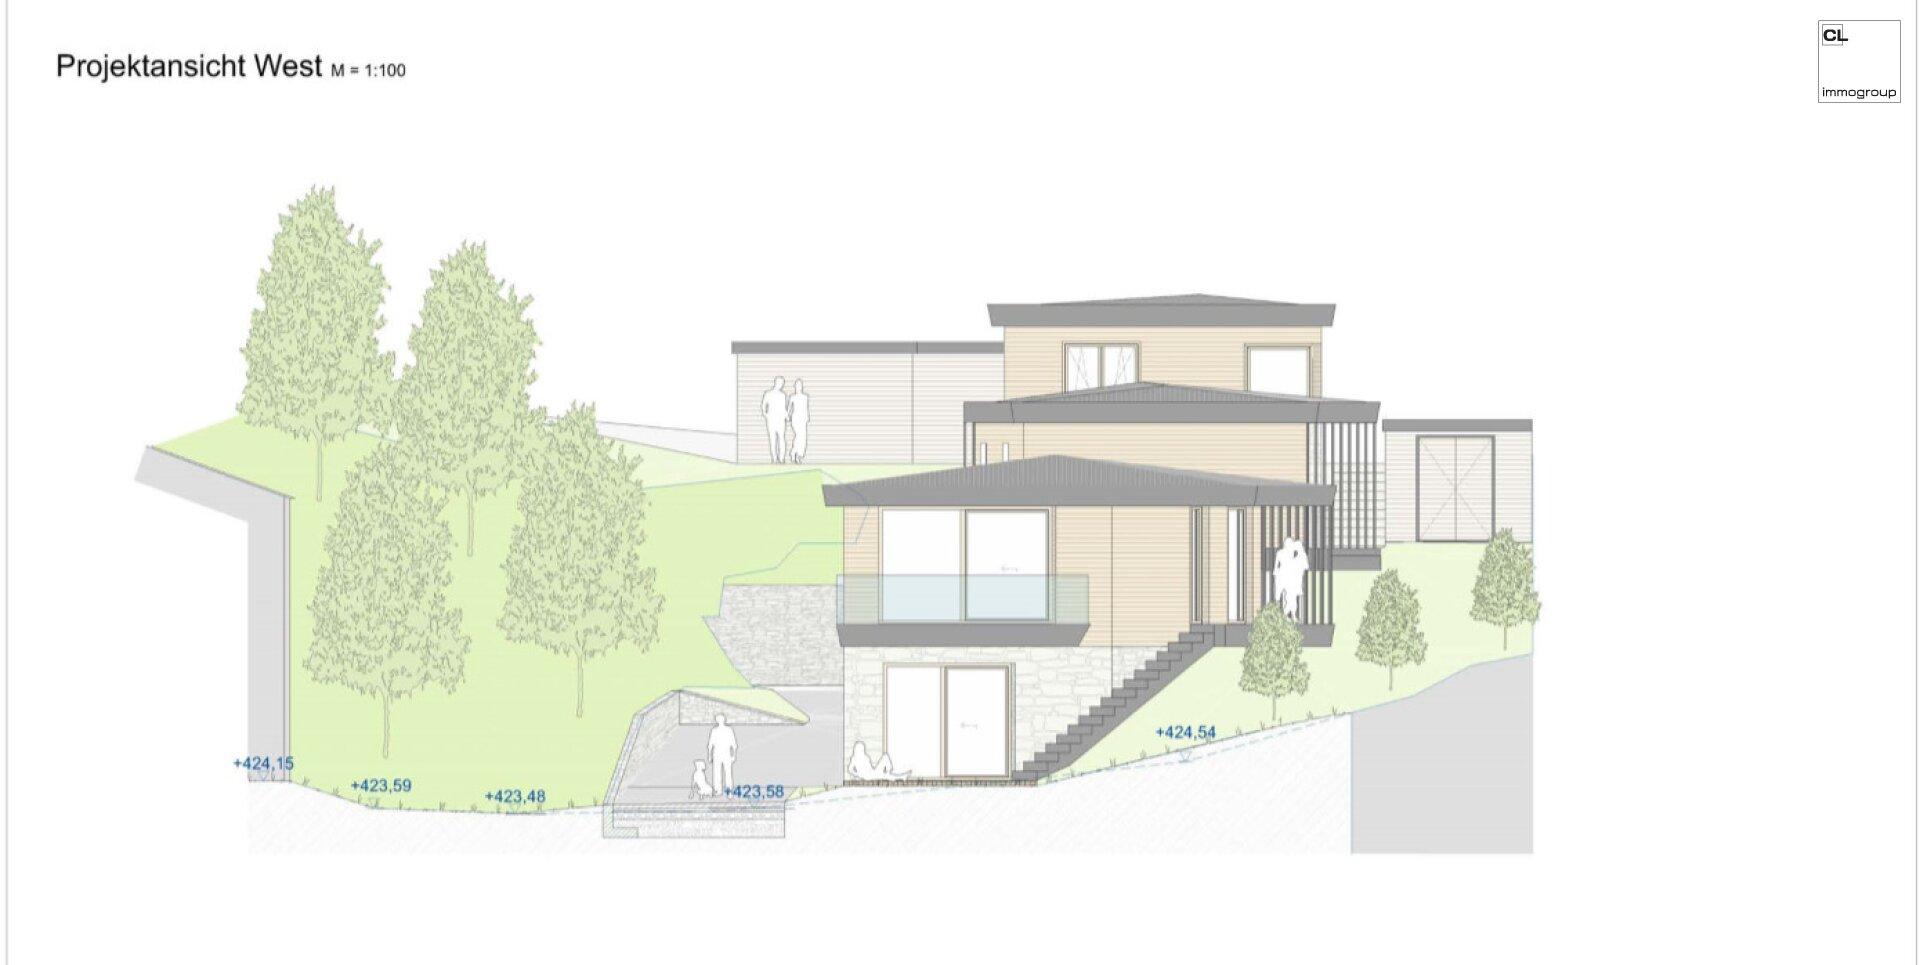 Projektansicht West Haus A